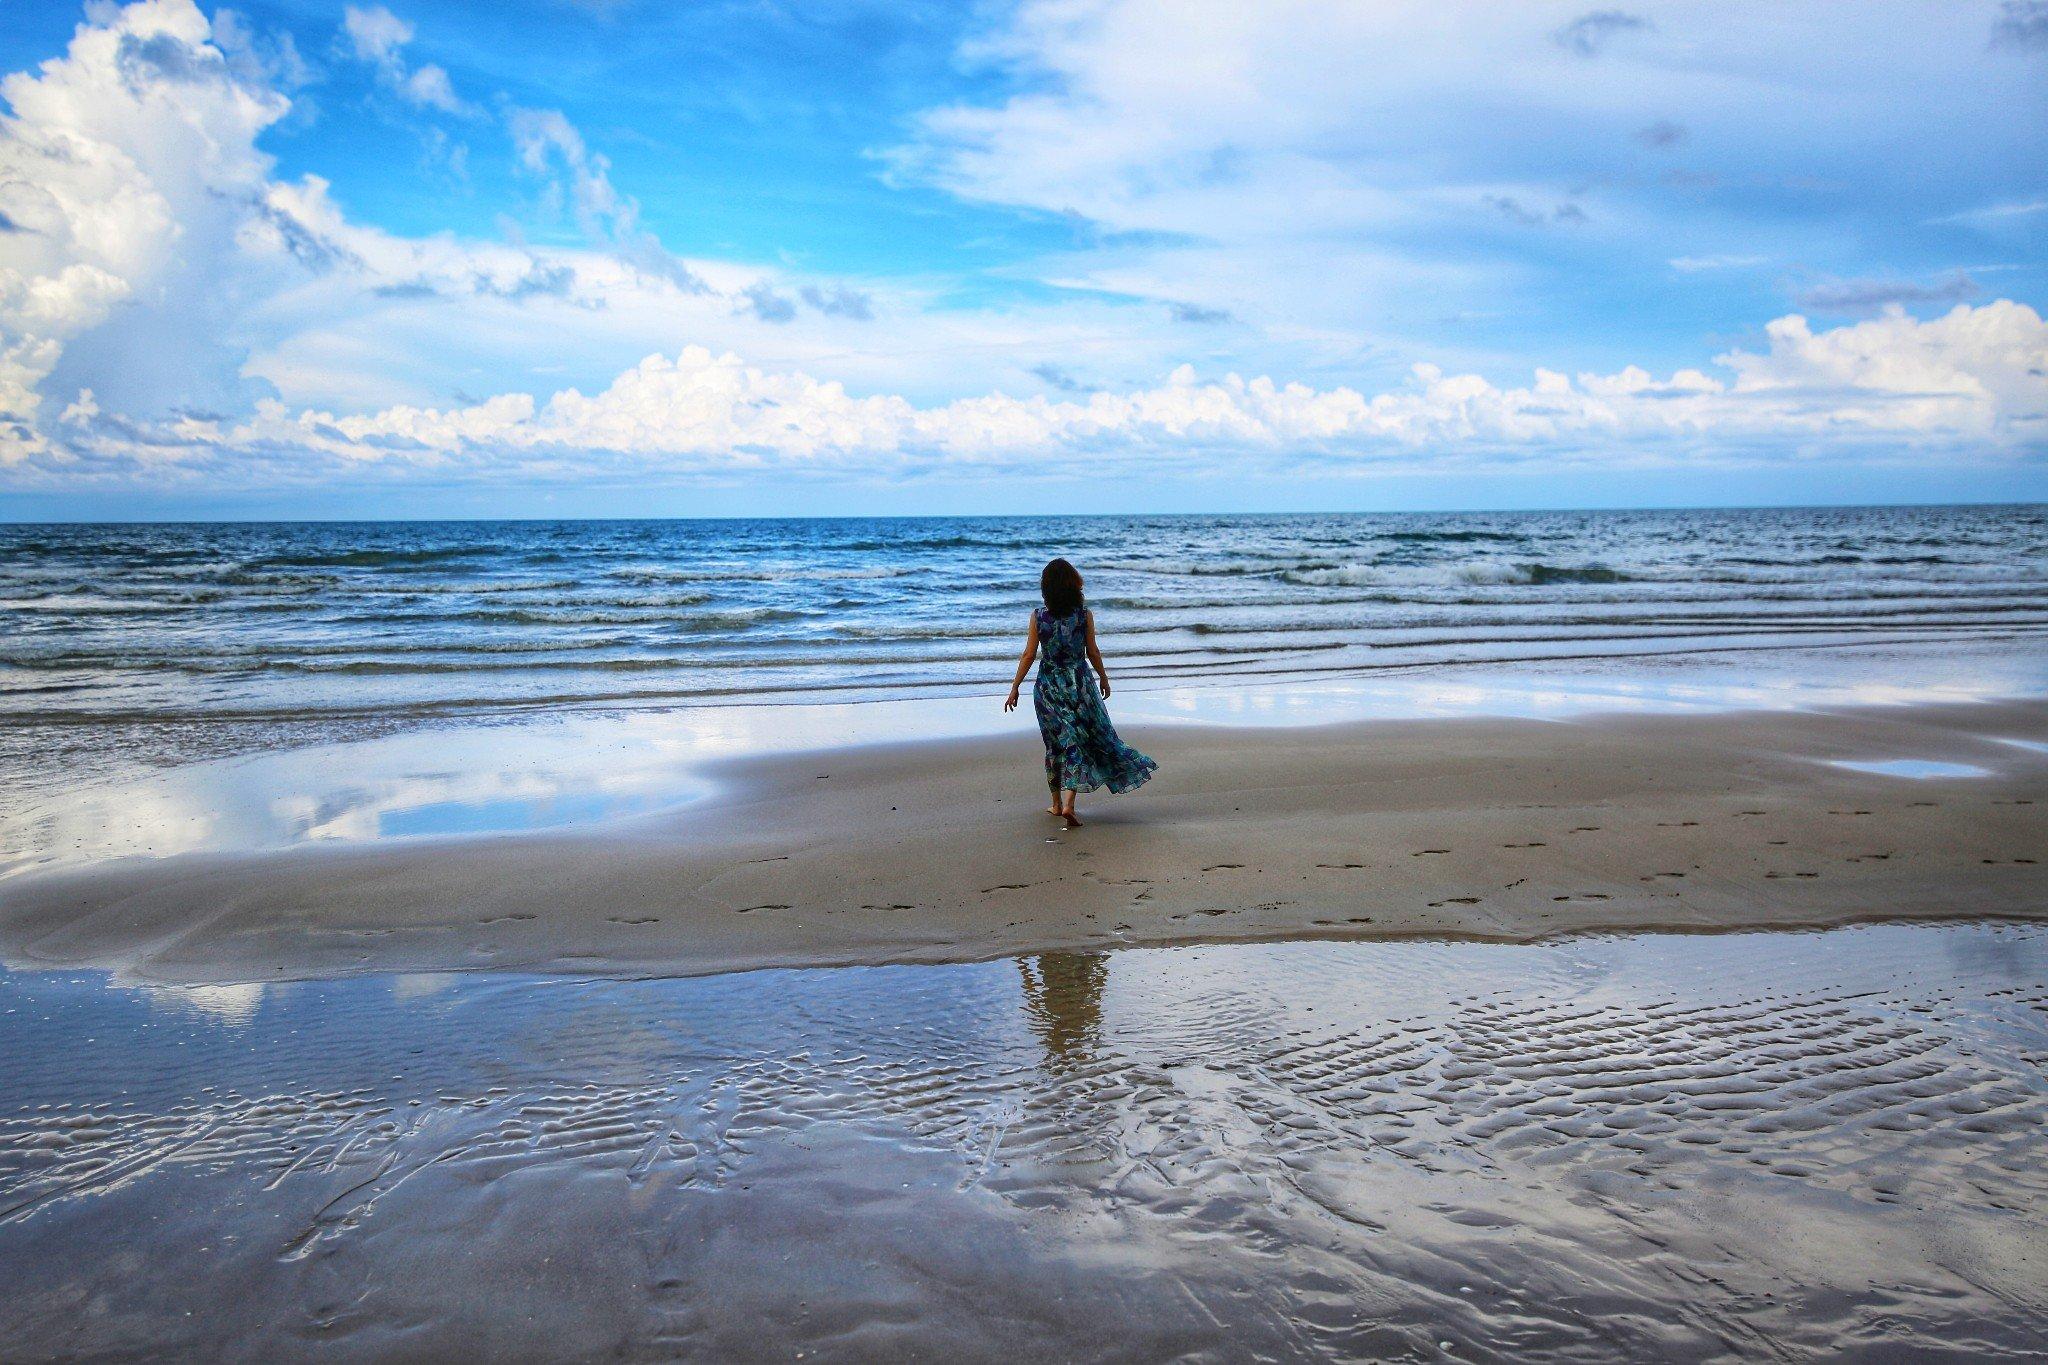 泰幸福慢生活---带着父母一起泰国海岛游